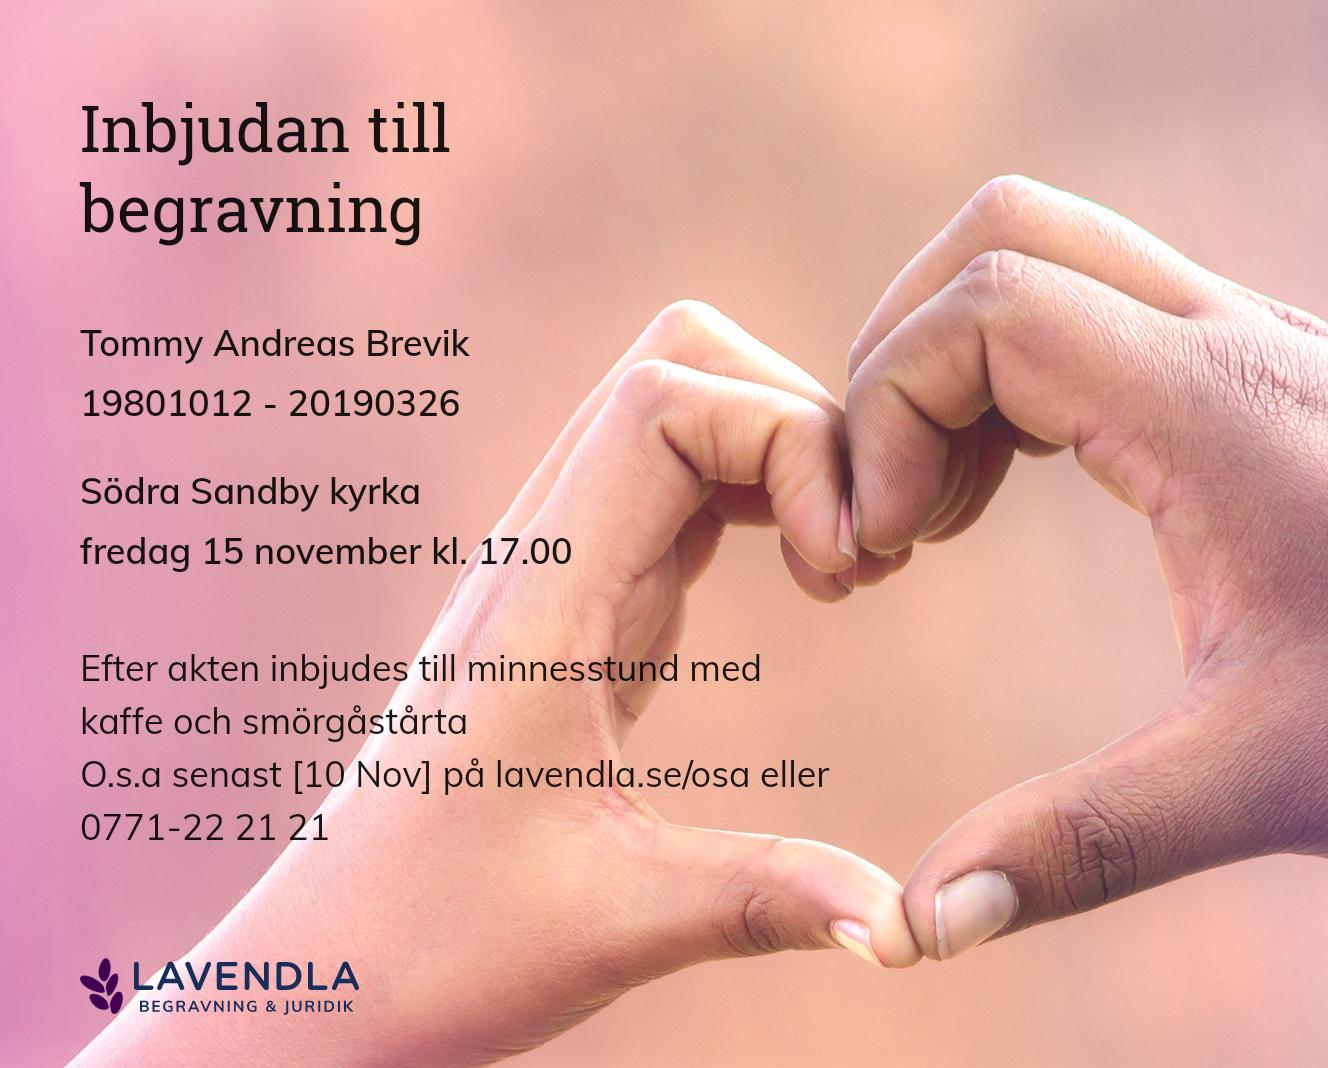 Inbjudningskort till ceremonin för Tommy Andreas Brevik